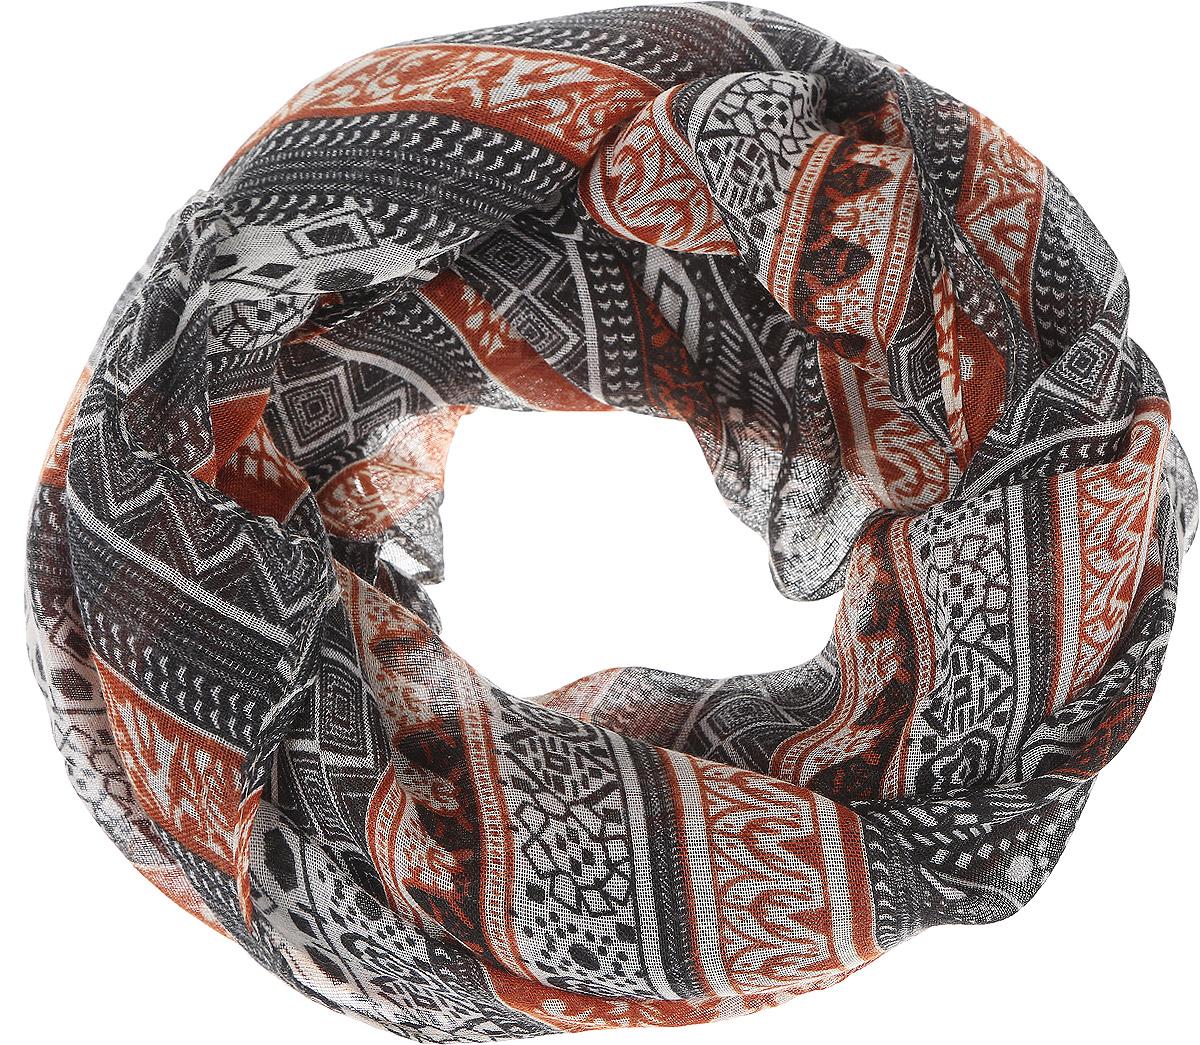 ШарфB321_Dark Ochre-BlackМодный женский шарф Baon подарит вам уют и станет стильным аксессуаром, который призван подчеркнуть вашу индивидуальность и женственность. Легкий шарф выполнен из вискозы с добавлением шелка, он невероятно мягкий и приятный на ощупь. Шарф оформлен этническим орнаментом. Этот модный аксессуар гармонично дополнит образ современной женщины, следящей за своим имиджем и стремящейся всегда оставаться стильной и элегантной. Такой шарф украсит любой наряд и согреет вас в непогоду, с ним вы всегда будете выглядеть изысканно и оригинально.